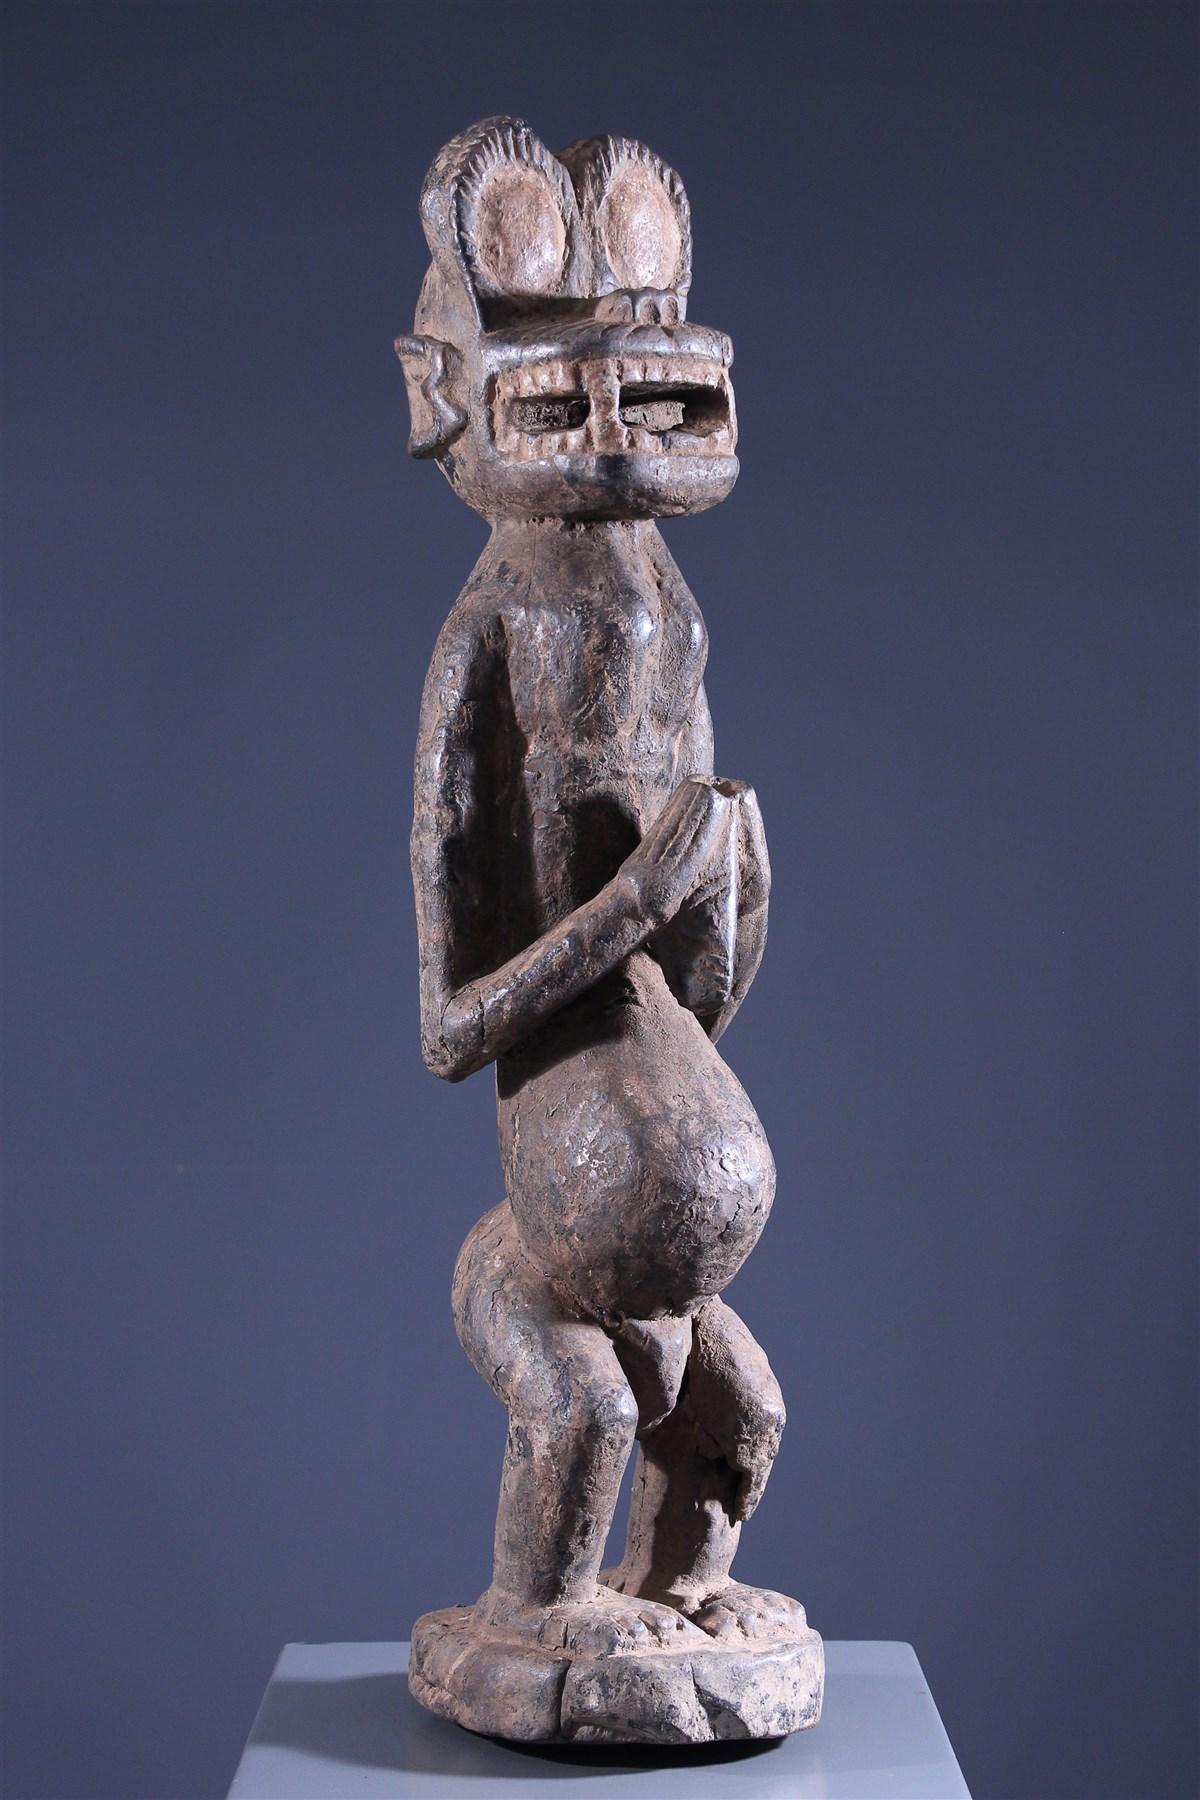 Baoulé Gbekre Monkey - African art